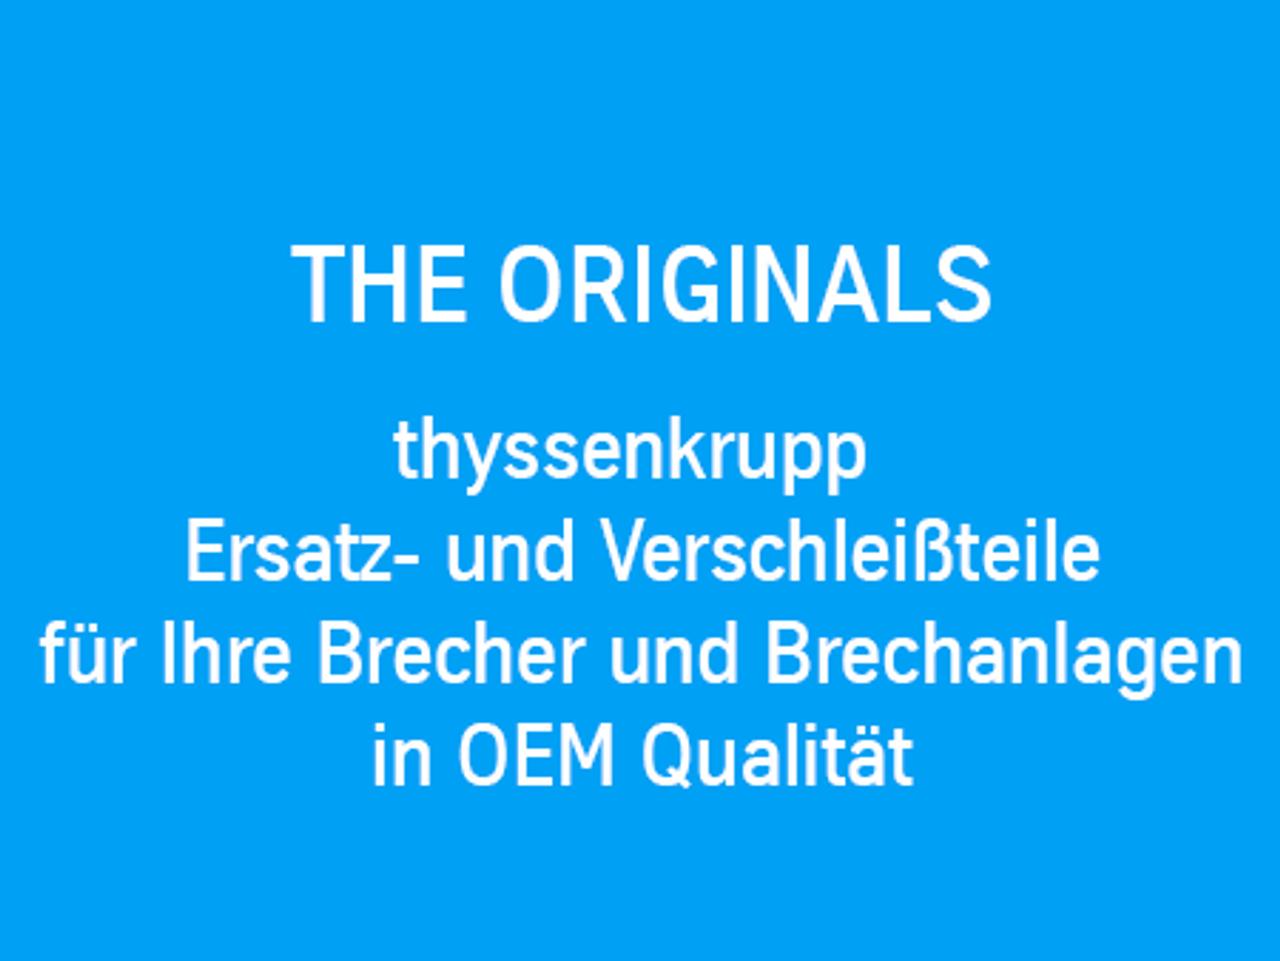 thyssenkrupp Ersatz- und Verschleißteile für ihre Brecher und Brechanlagen in OEM Qualität